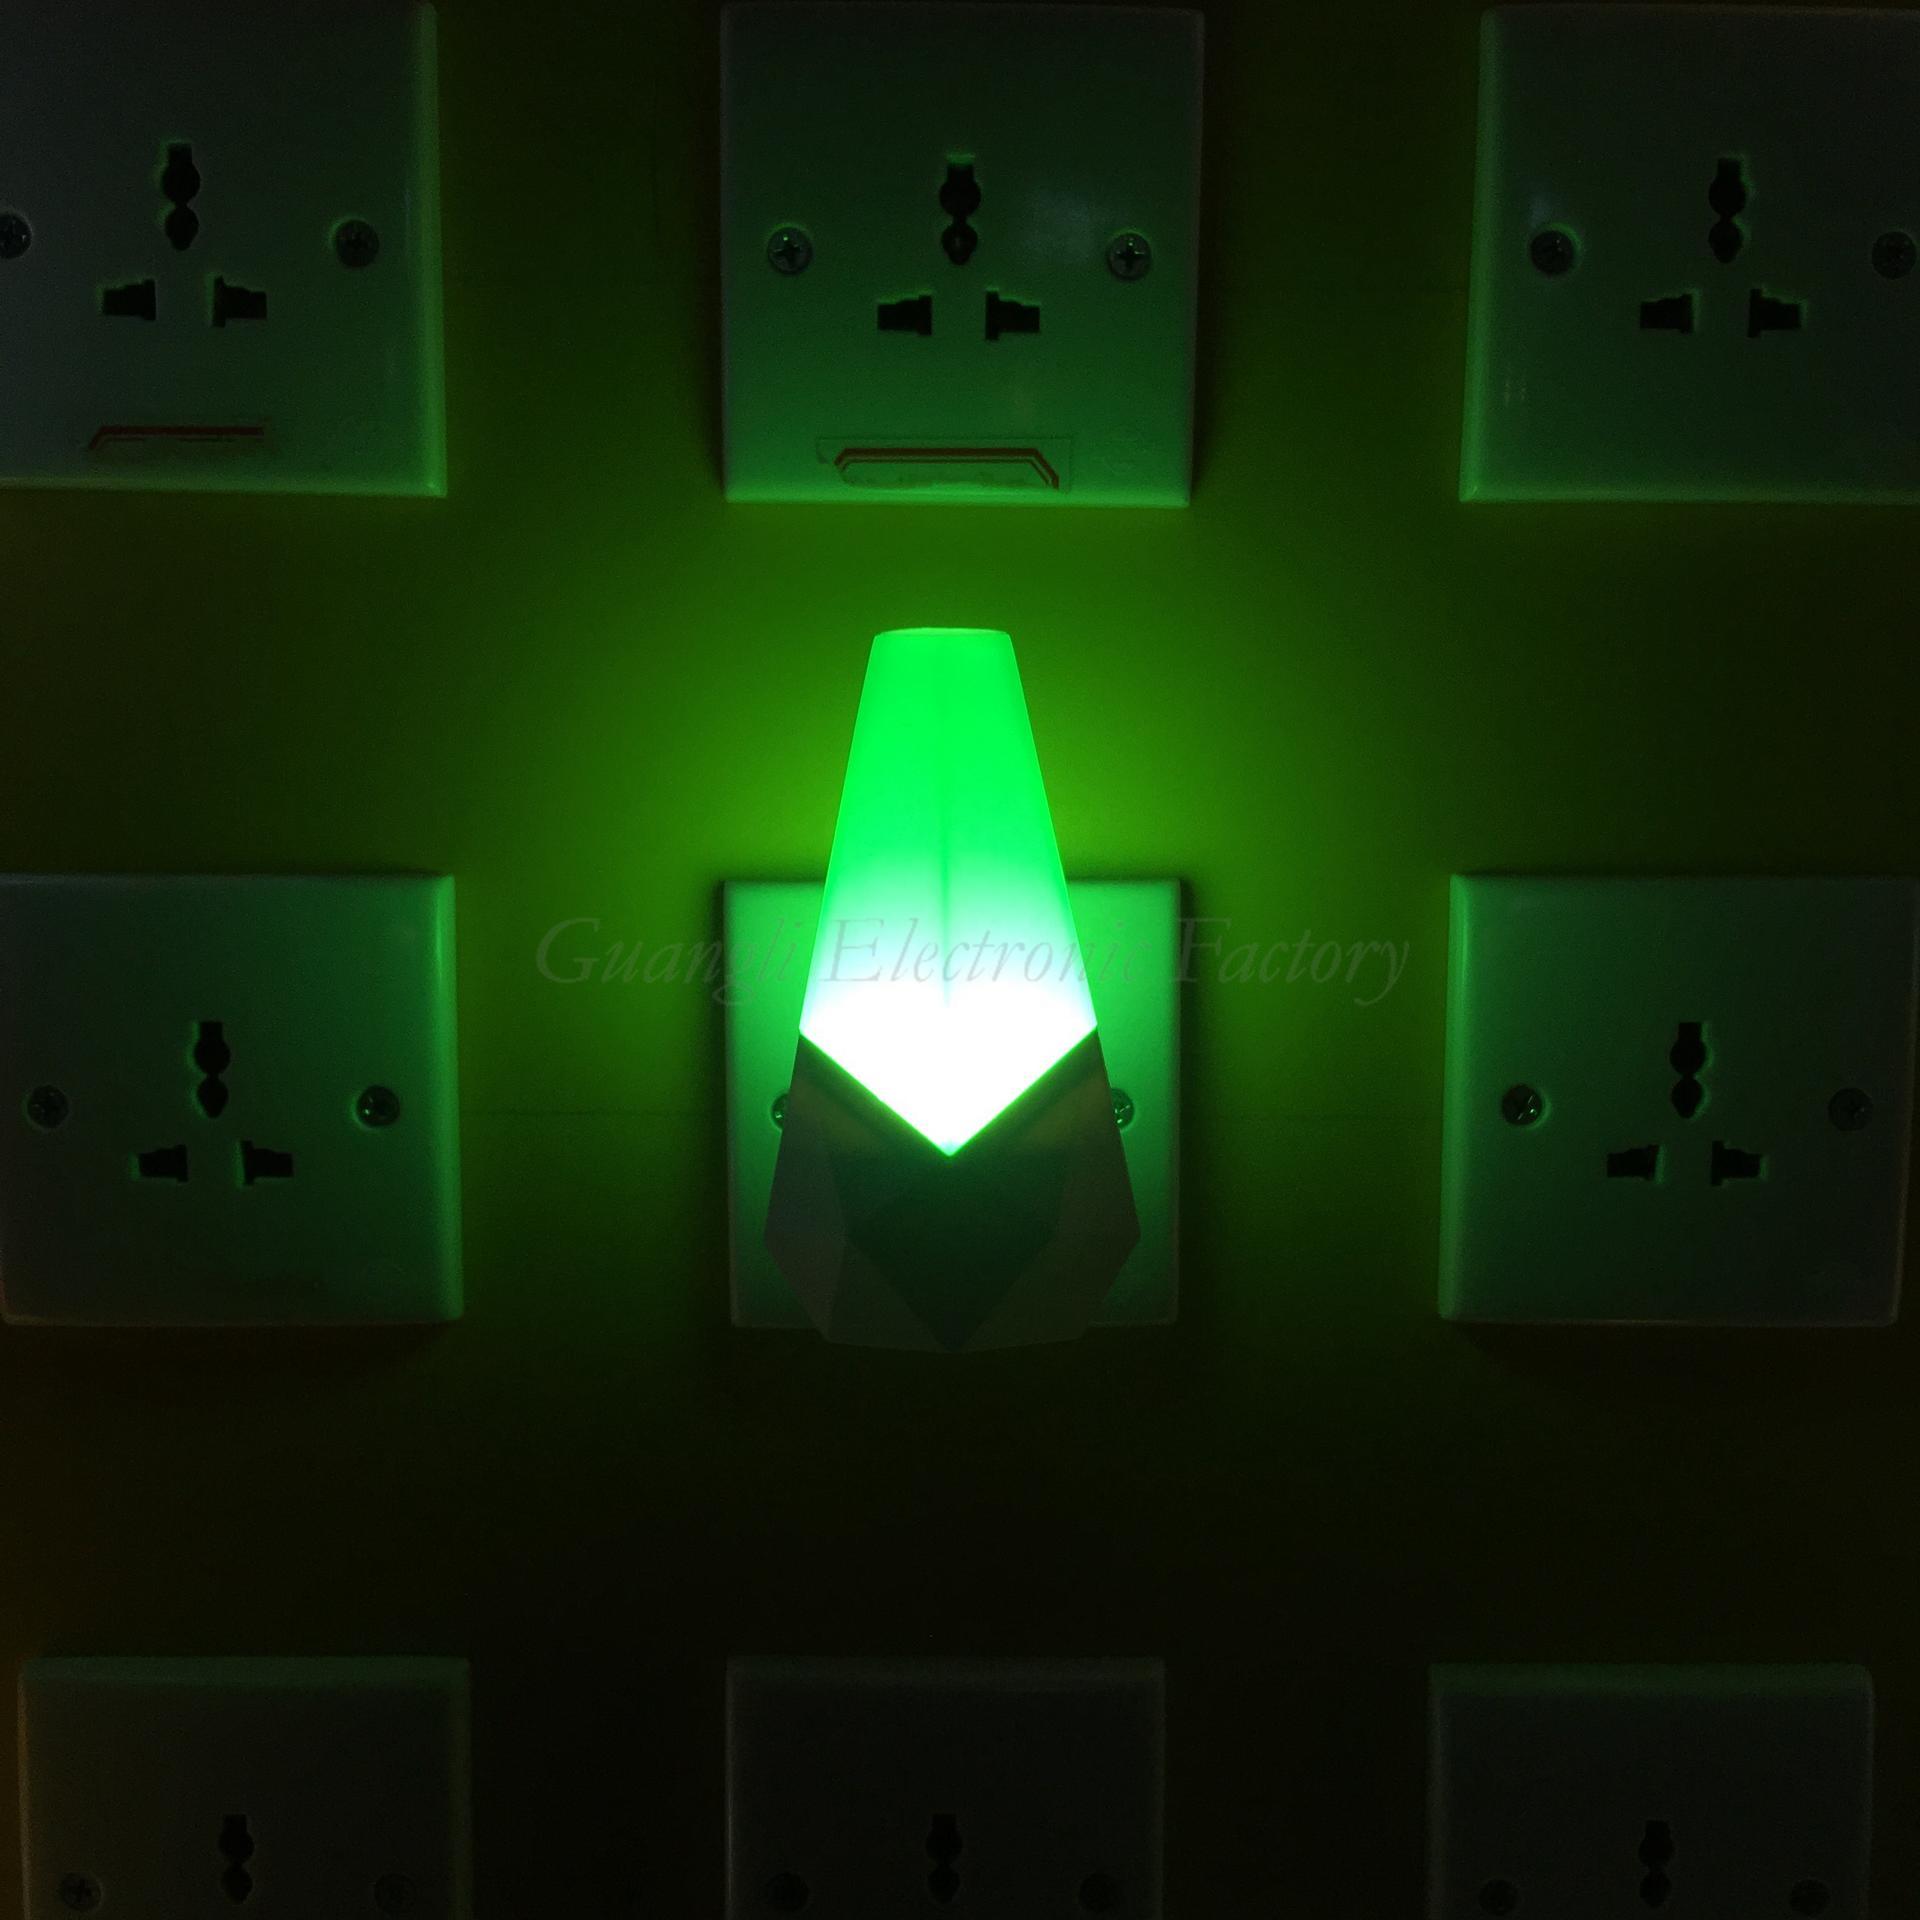 W054 cartoon night 4 SMD mini switch Sensor plug in night light with 0.6W AC